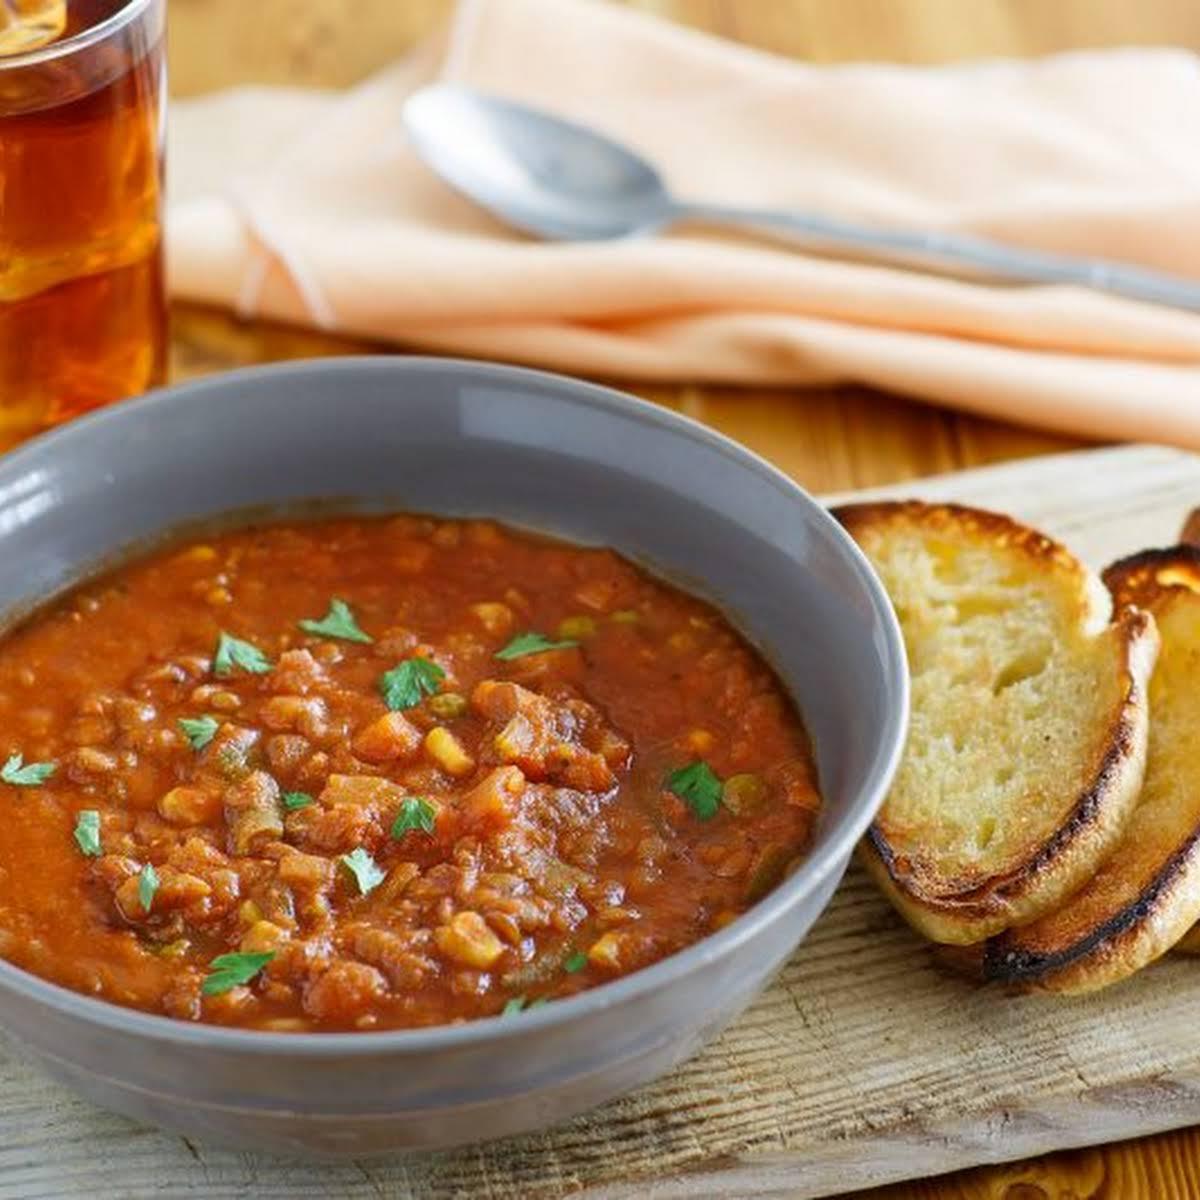 Budget Friendly & Delicious Lentil Stew